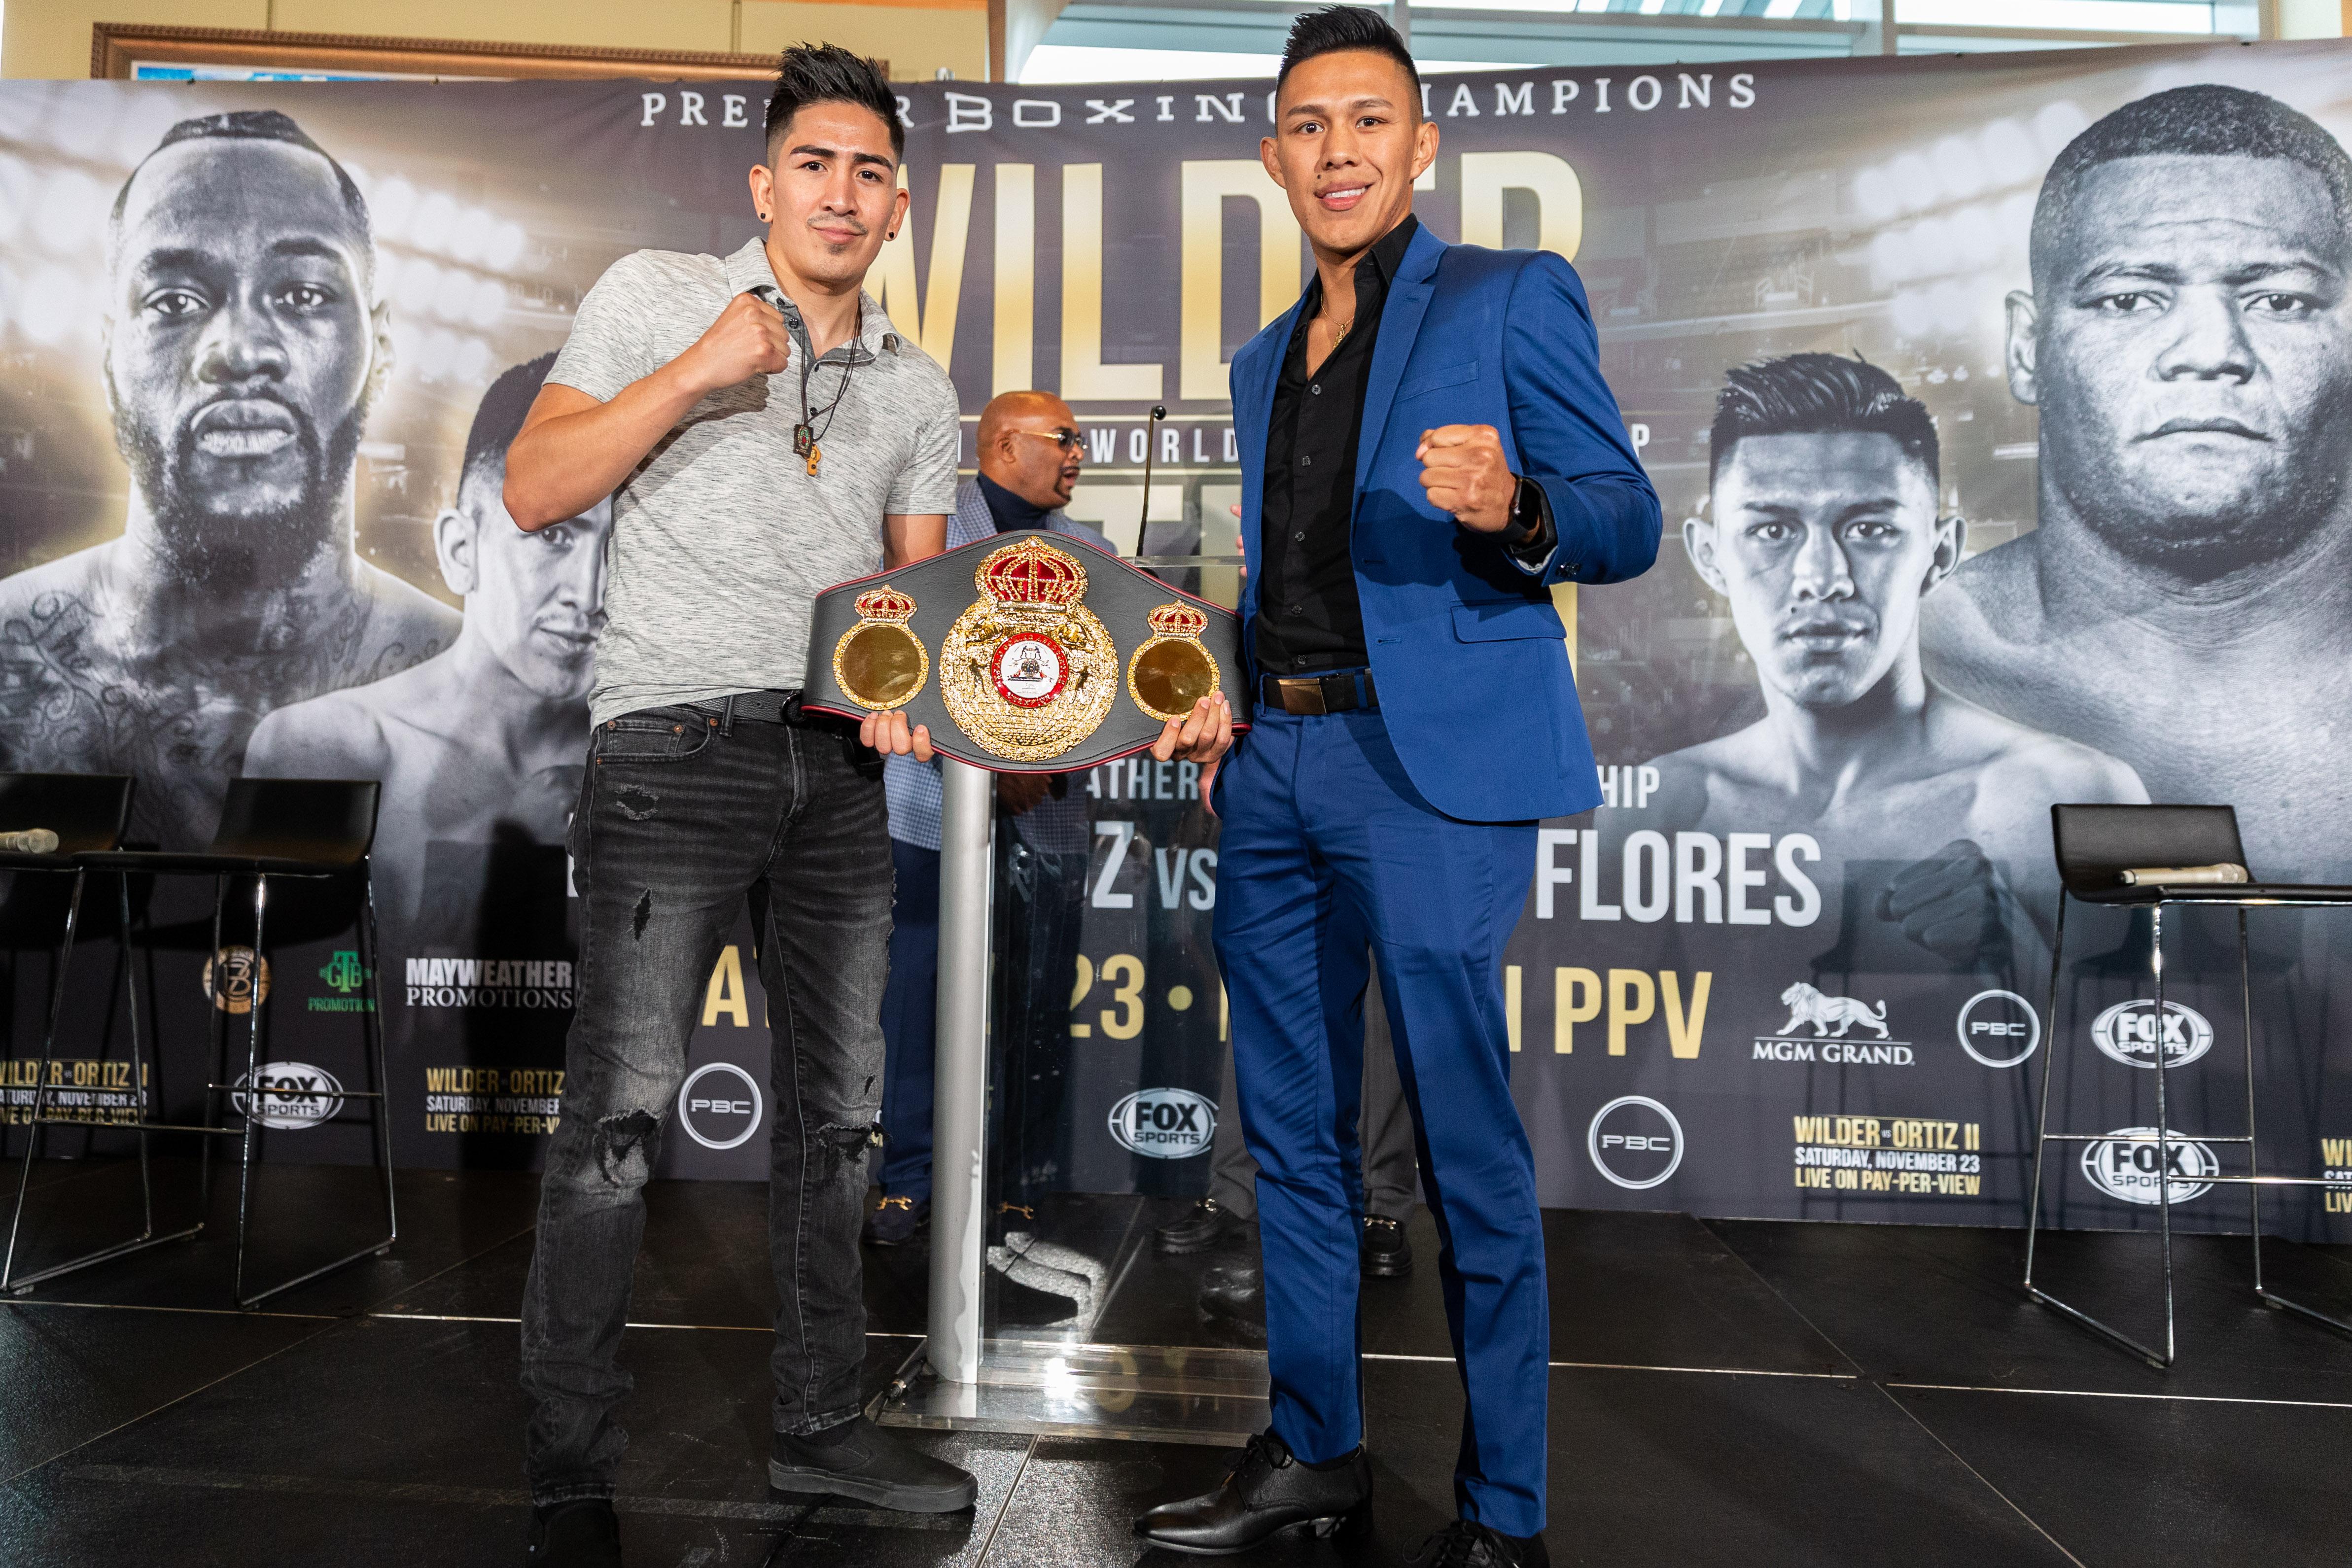 Santa Cruz vs Flores Fight Presser_11_23_2019_Presser_Nabeel Ahmad _ Premier Boxing Champions